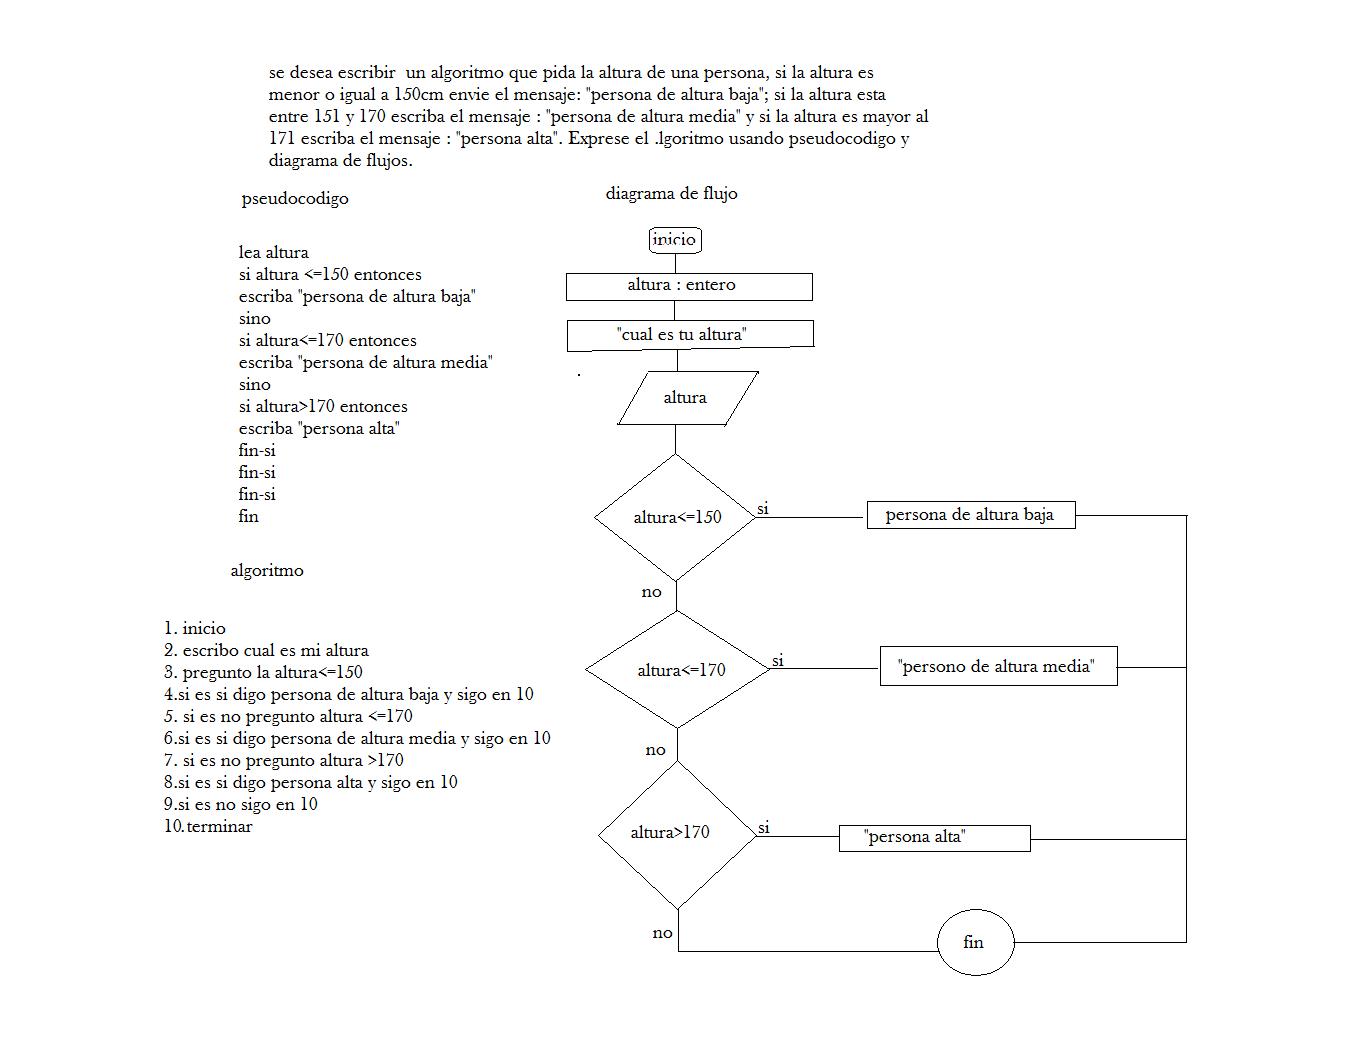 Programacin de flujos y algoritmos diagrama de flujo diagrama de flujo pseudocodigo y algoritmo ccuart Image collections